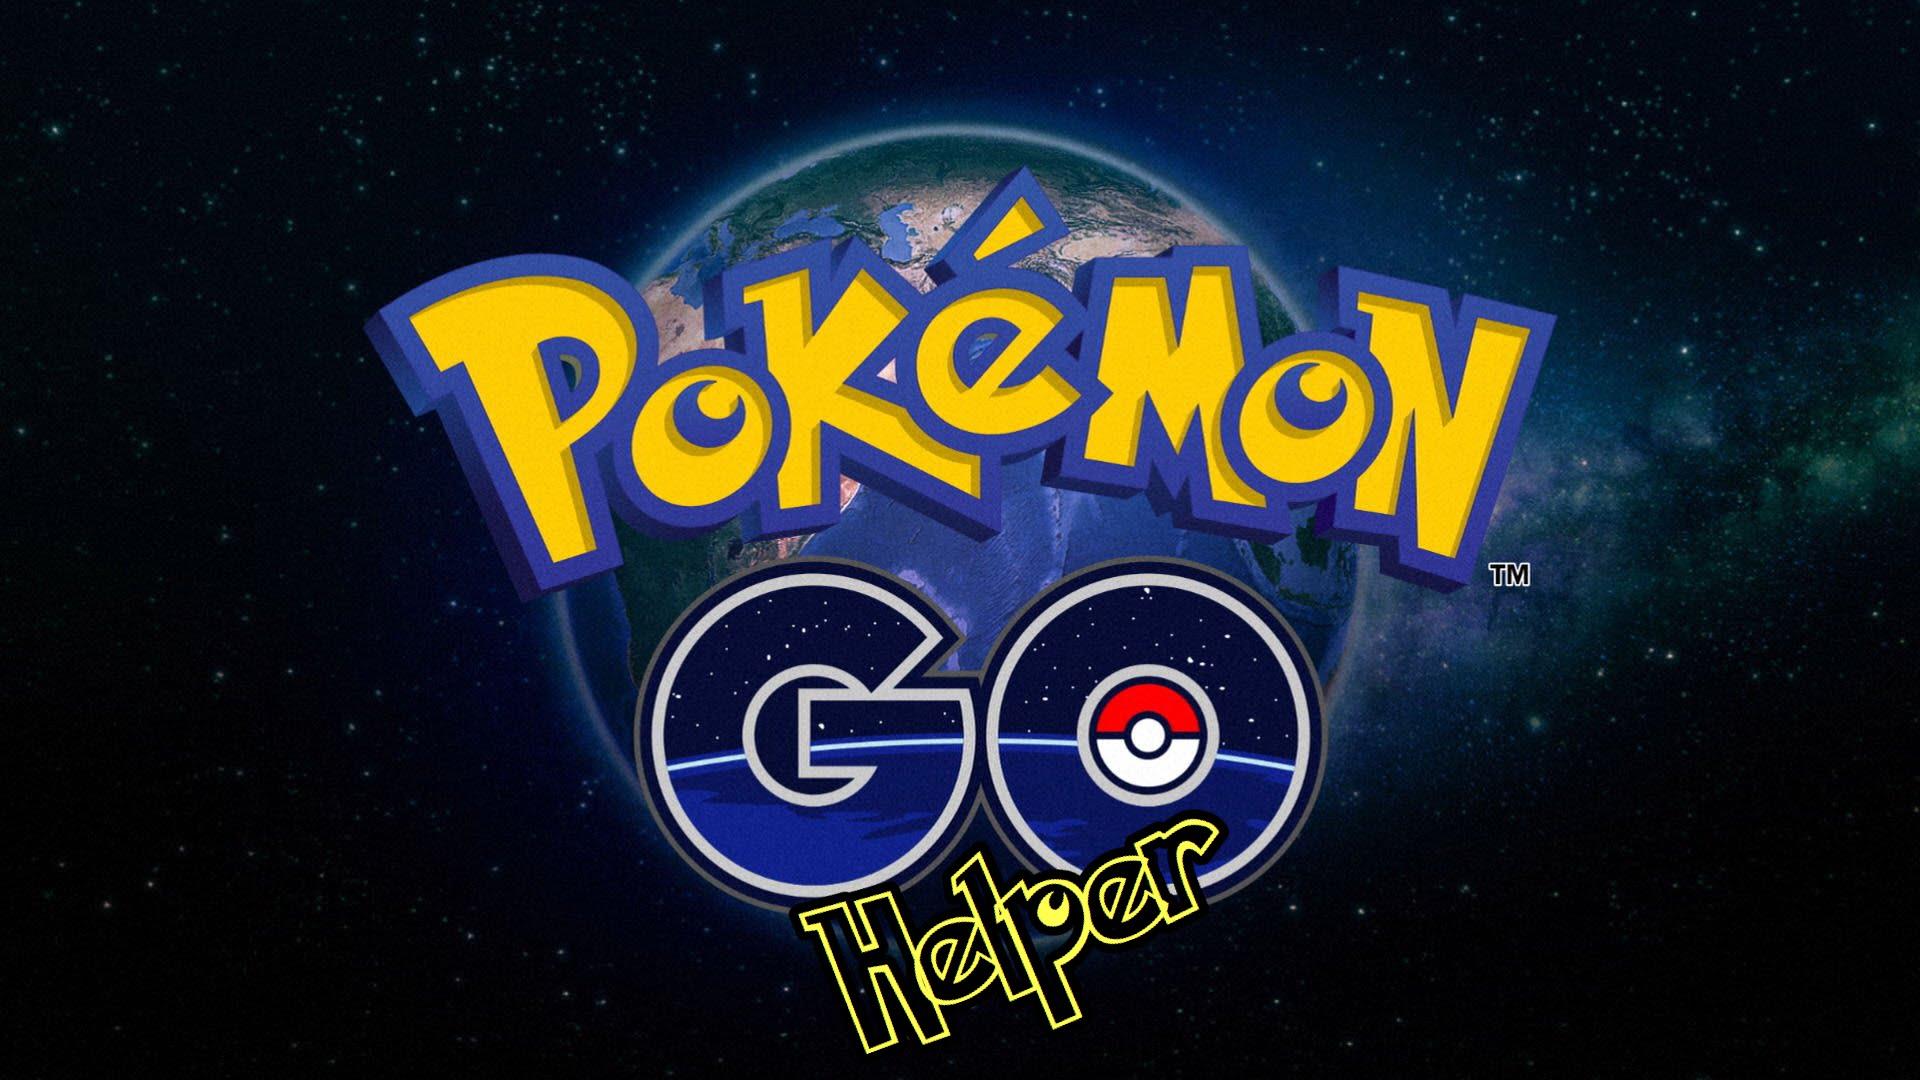 Neviete si poradiť? Pokémon GO pomocník Vám vždy ochotne a rád pomôže!